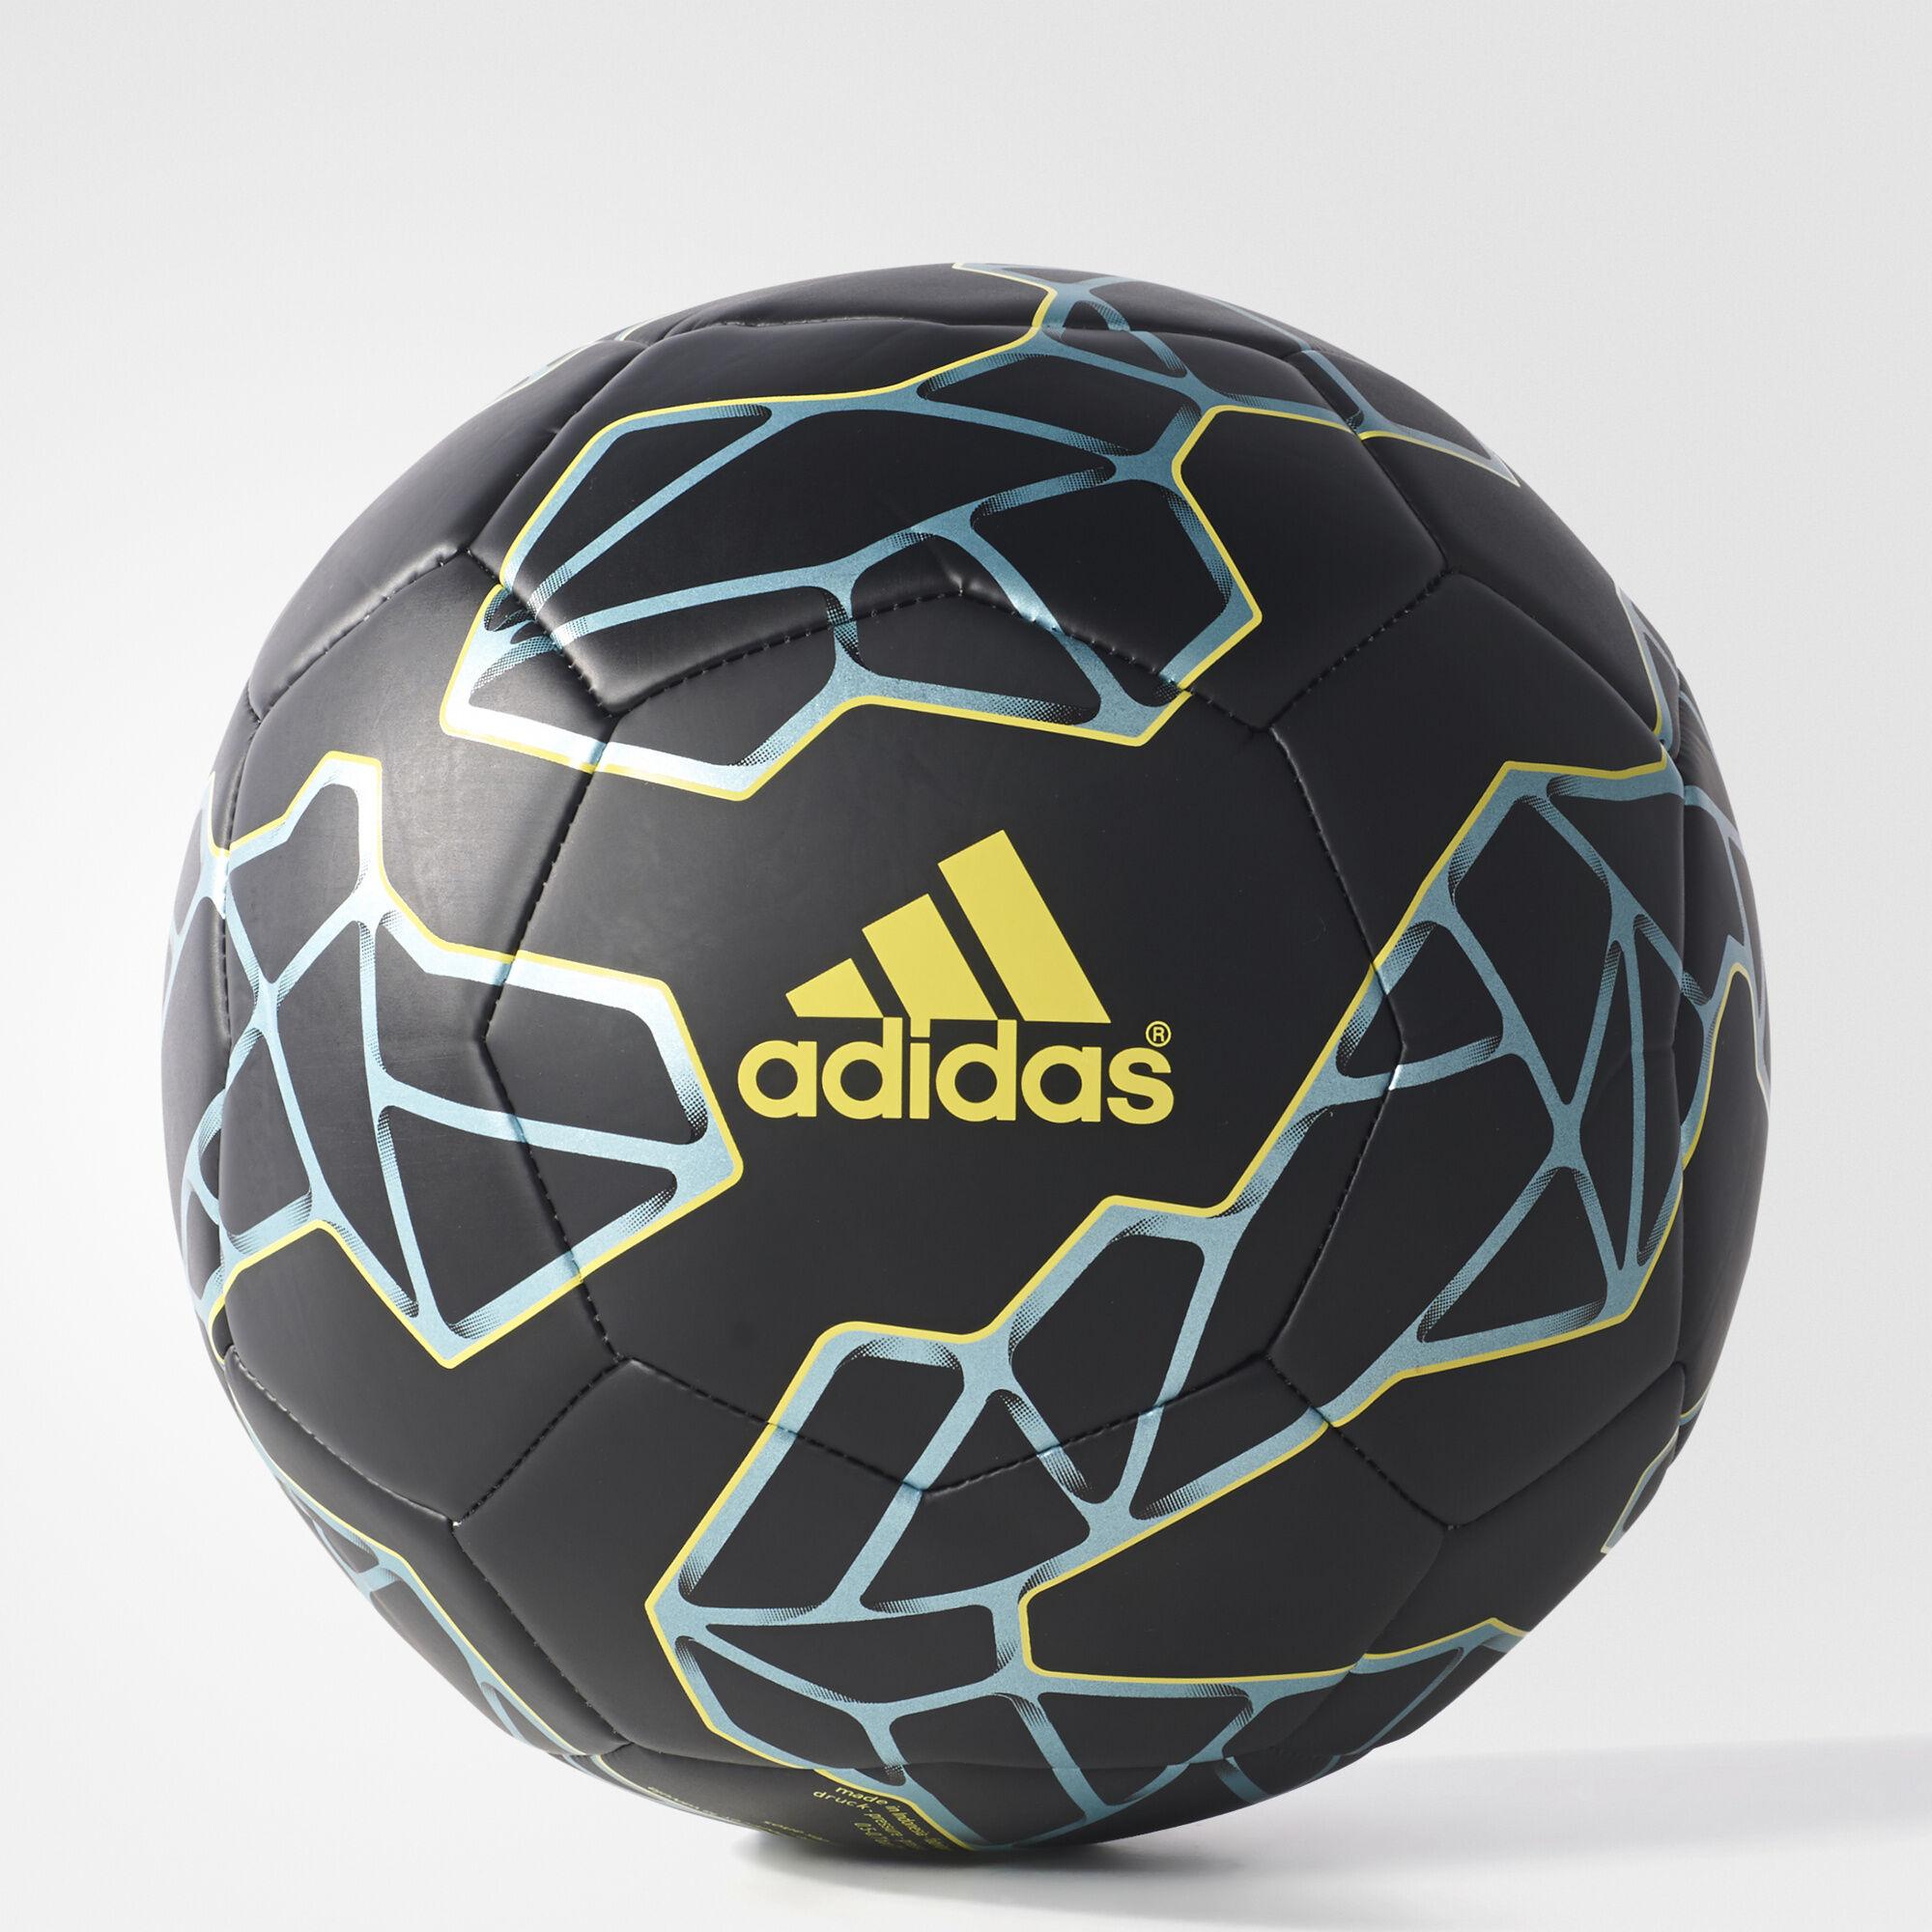 adidas futbol ball